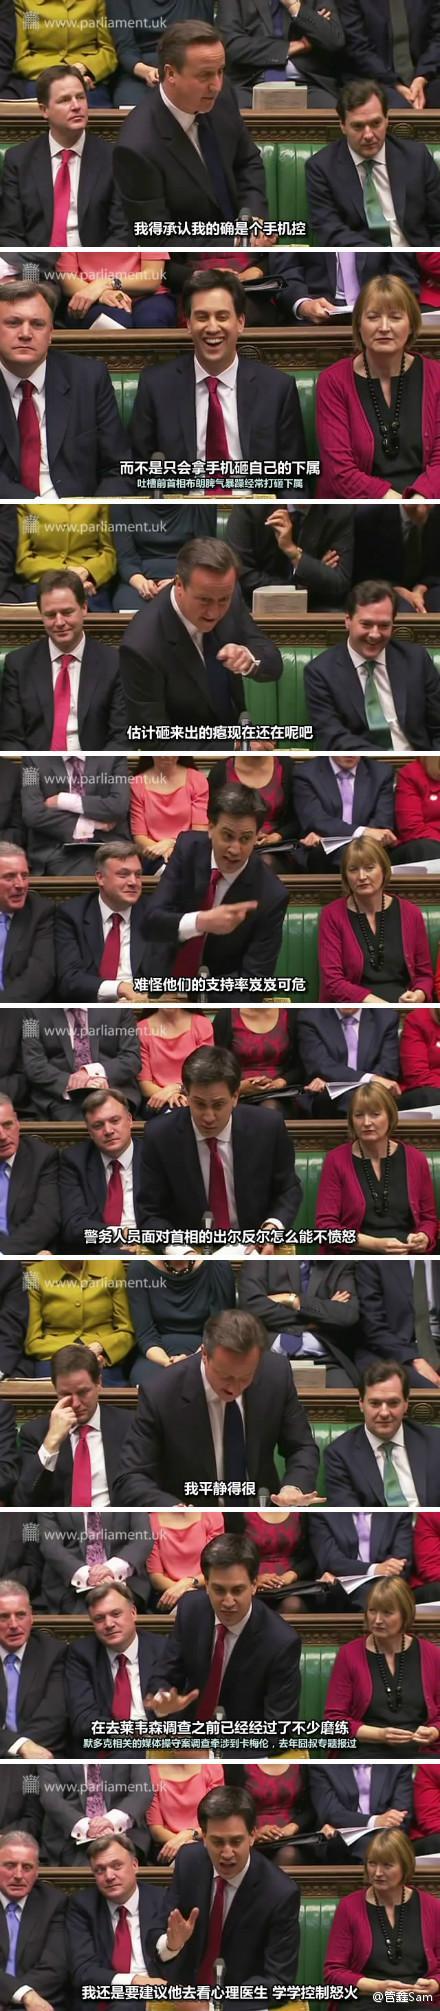 英国下议院首相问答 2012.5.16 【卡梅伦舌战米利班,英首相自认手机控】